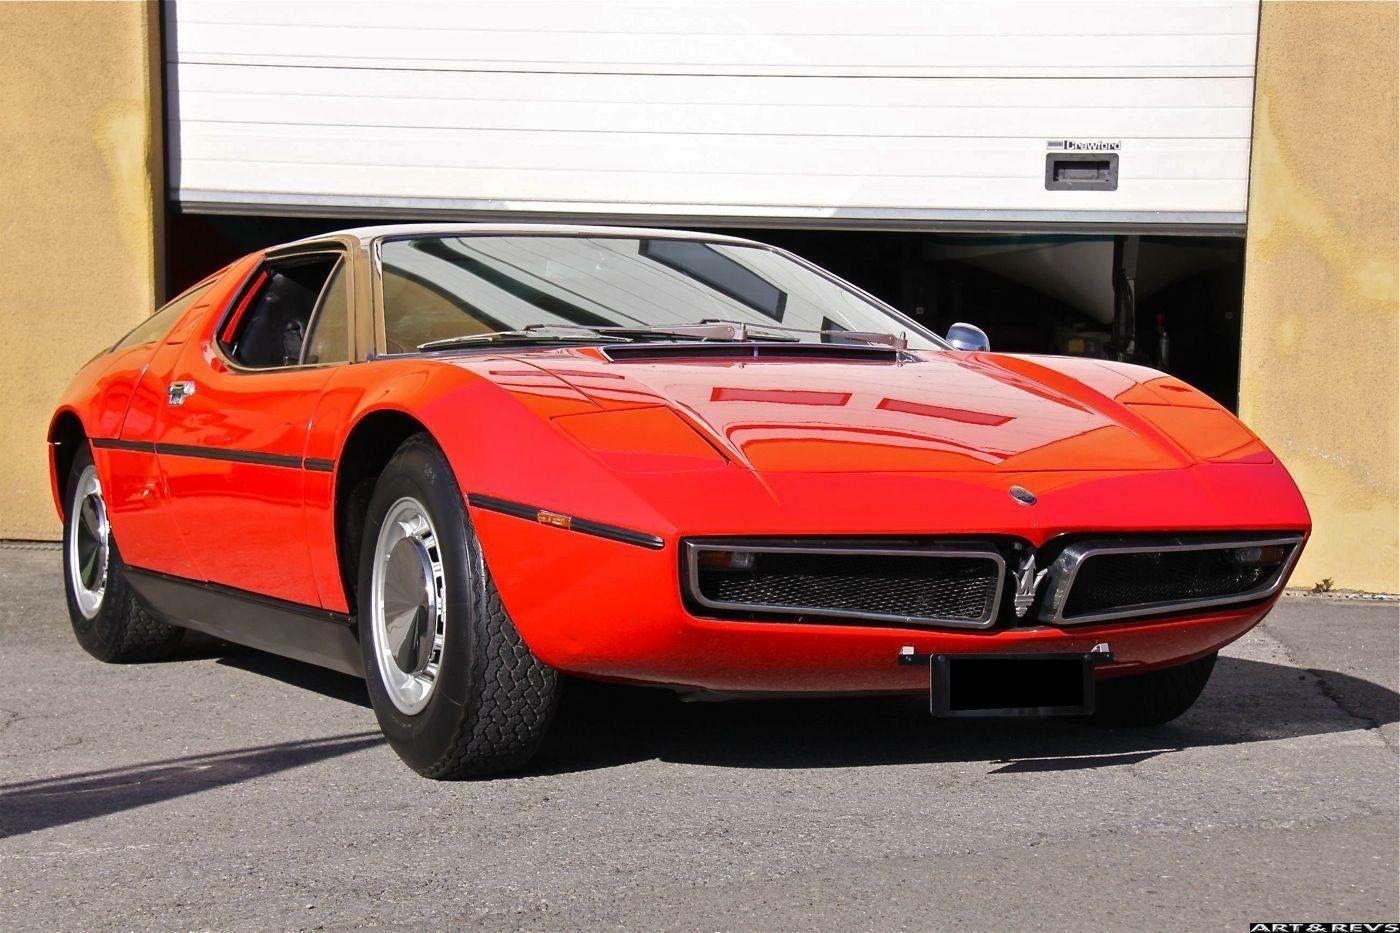 MASERATI BORA -1973 in 2020 | Maserati bora, Classic